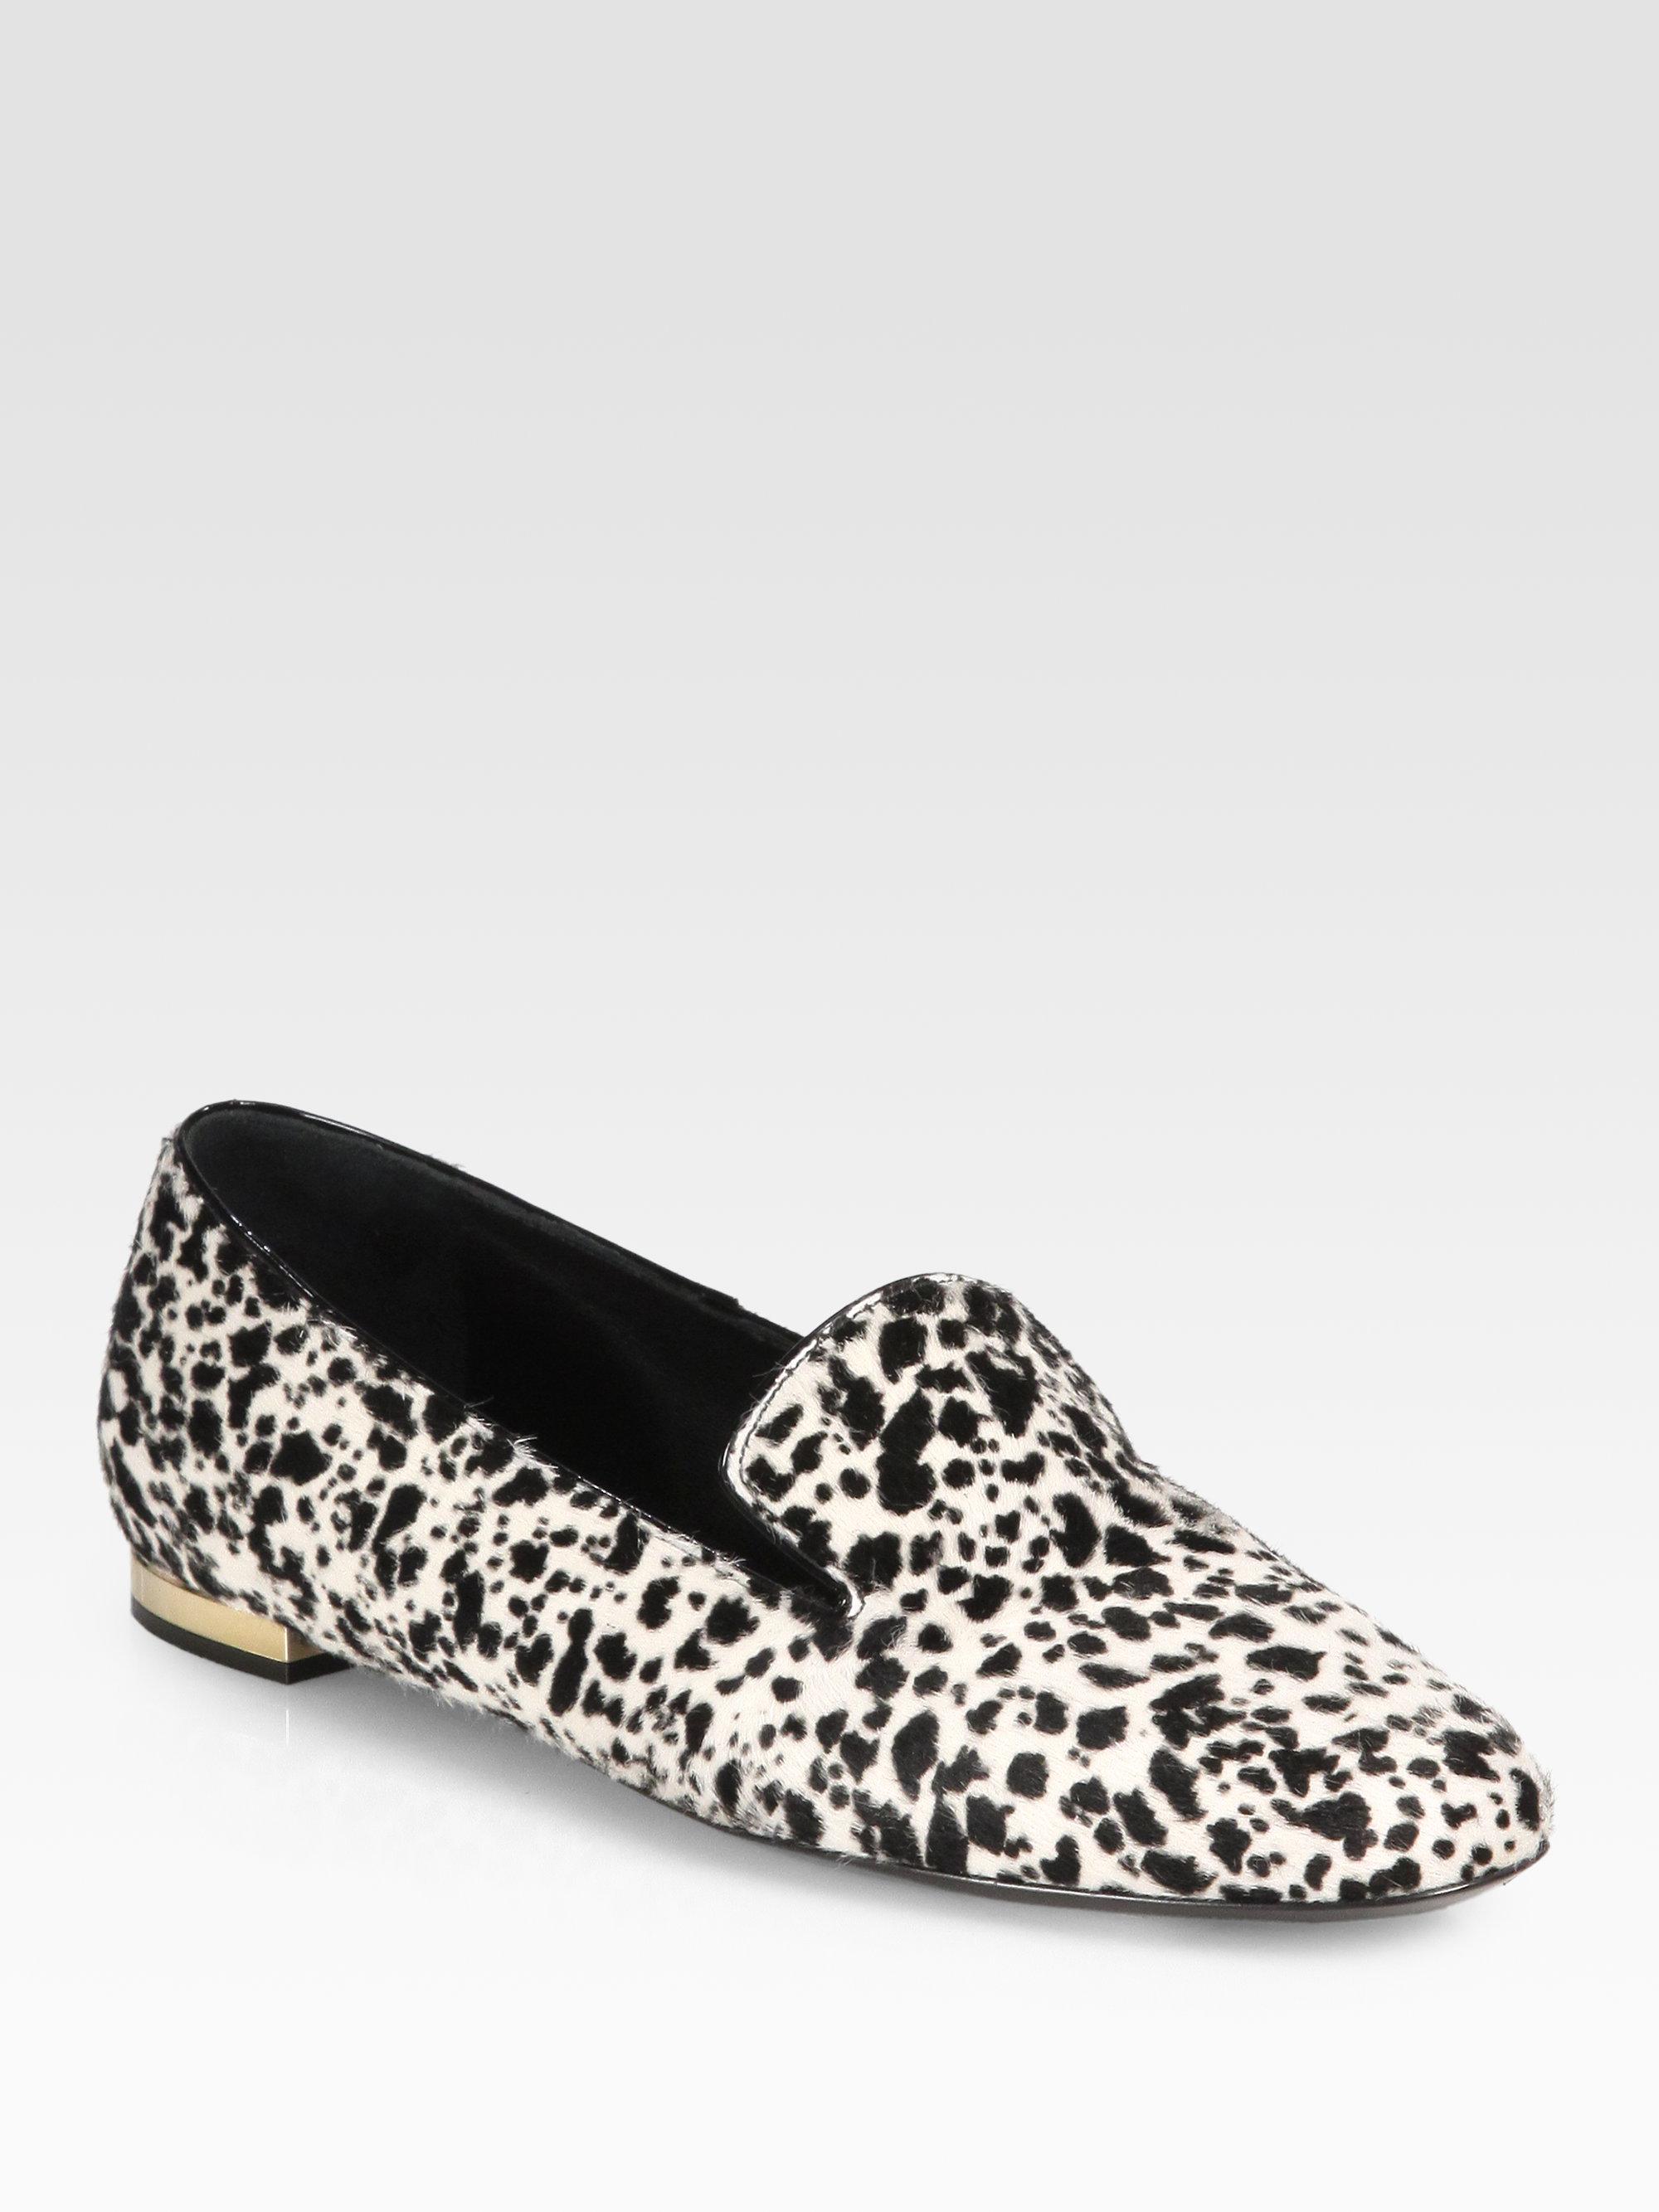 928d65e1bd8 Lyst - Burberry Prorsum Animalprint Calf Hair Smoking Slippers in Black